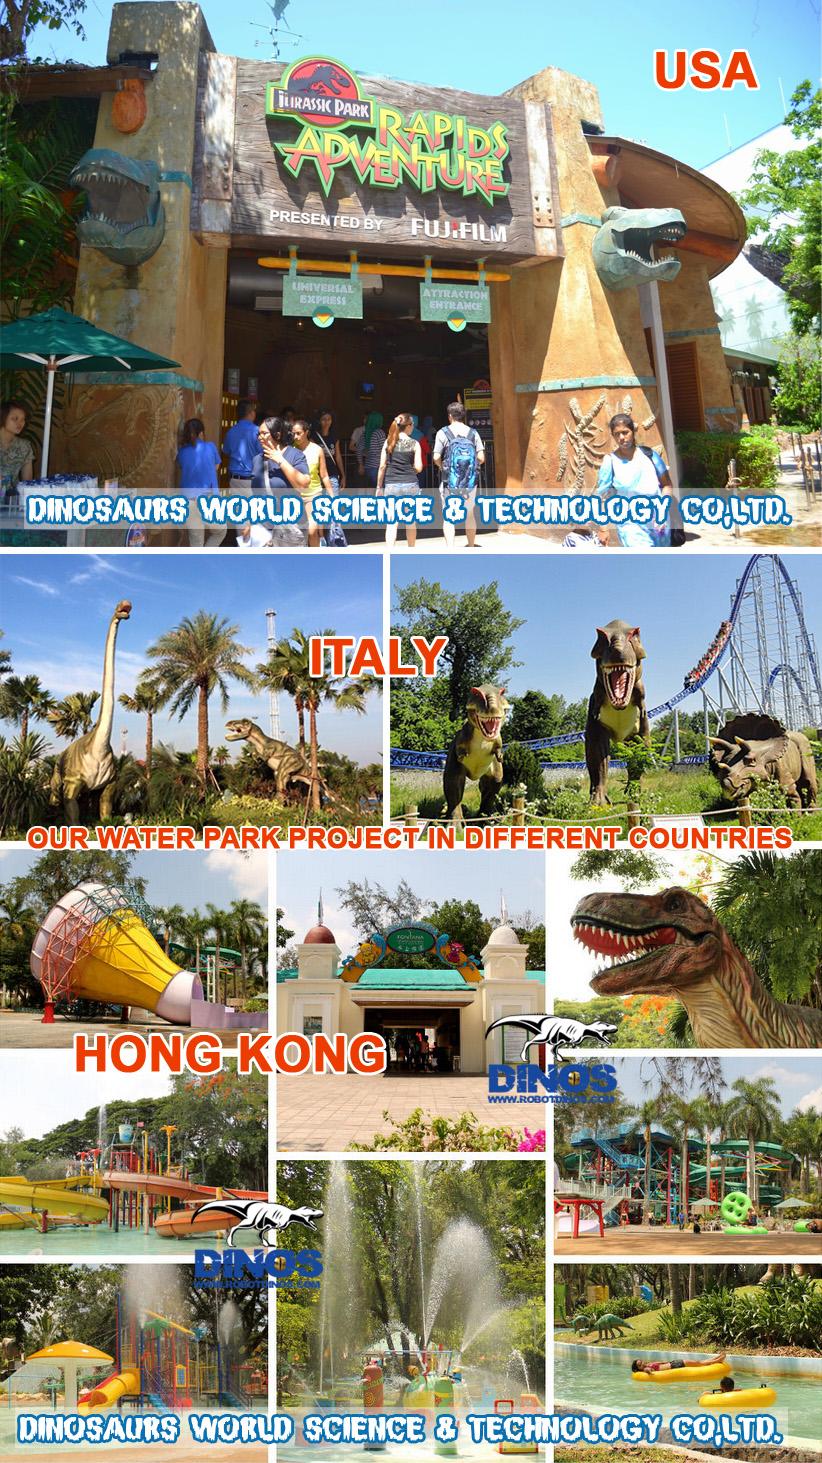 animatronic dinosaurs,dinopark dinosaurs,robotic dinosaurs,jurassic park dinosaurs,dinosaur prank